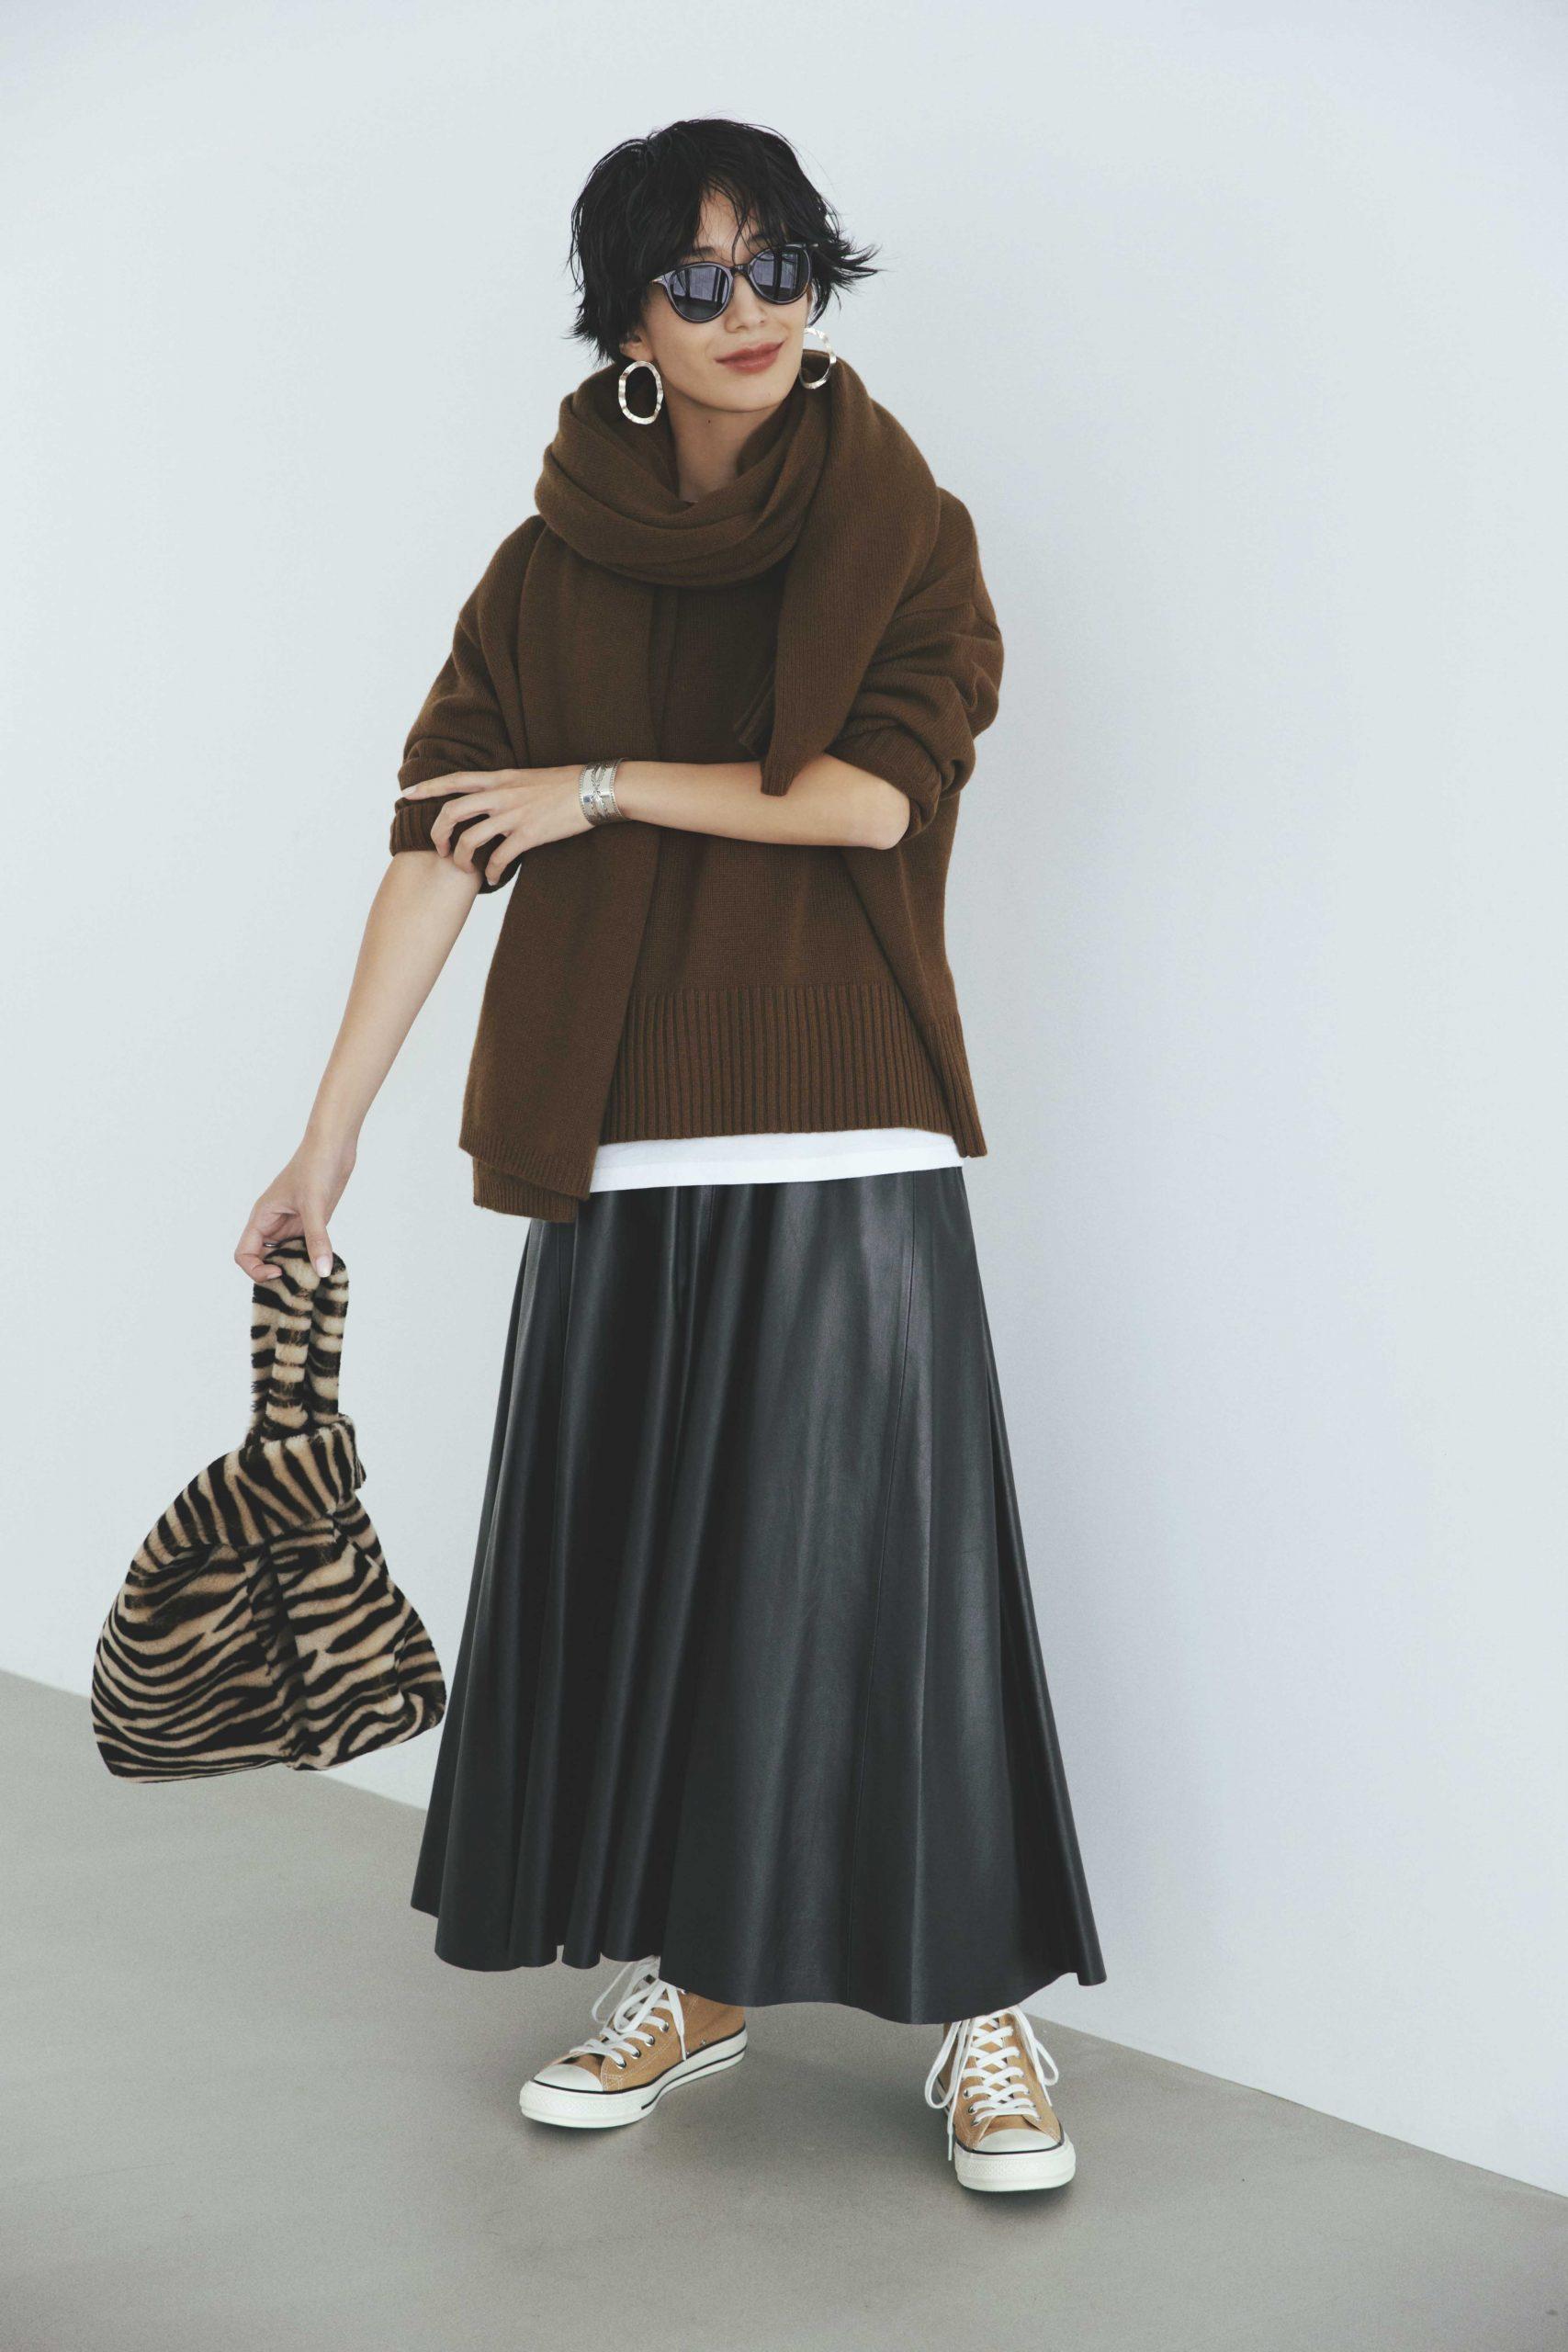 30代ファッションのお手本コーデ。ノークのニットとレザースカートをきれいめカジュアルに着るモデル神山まりあさん。